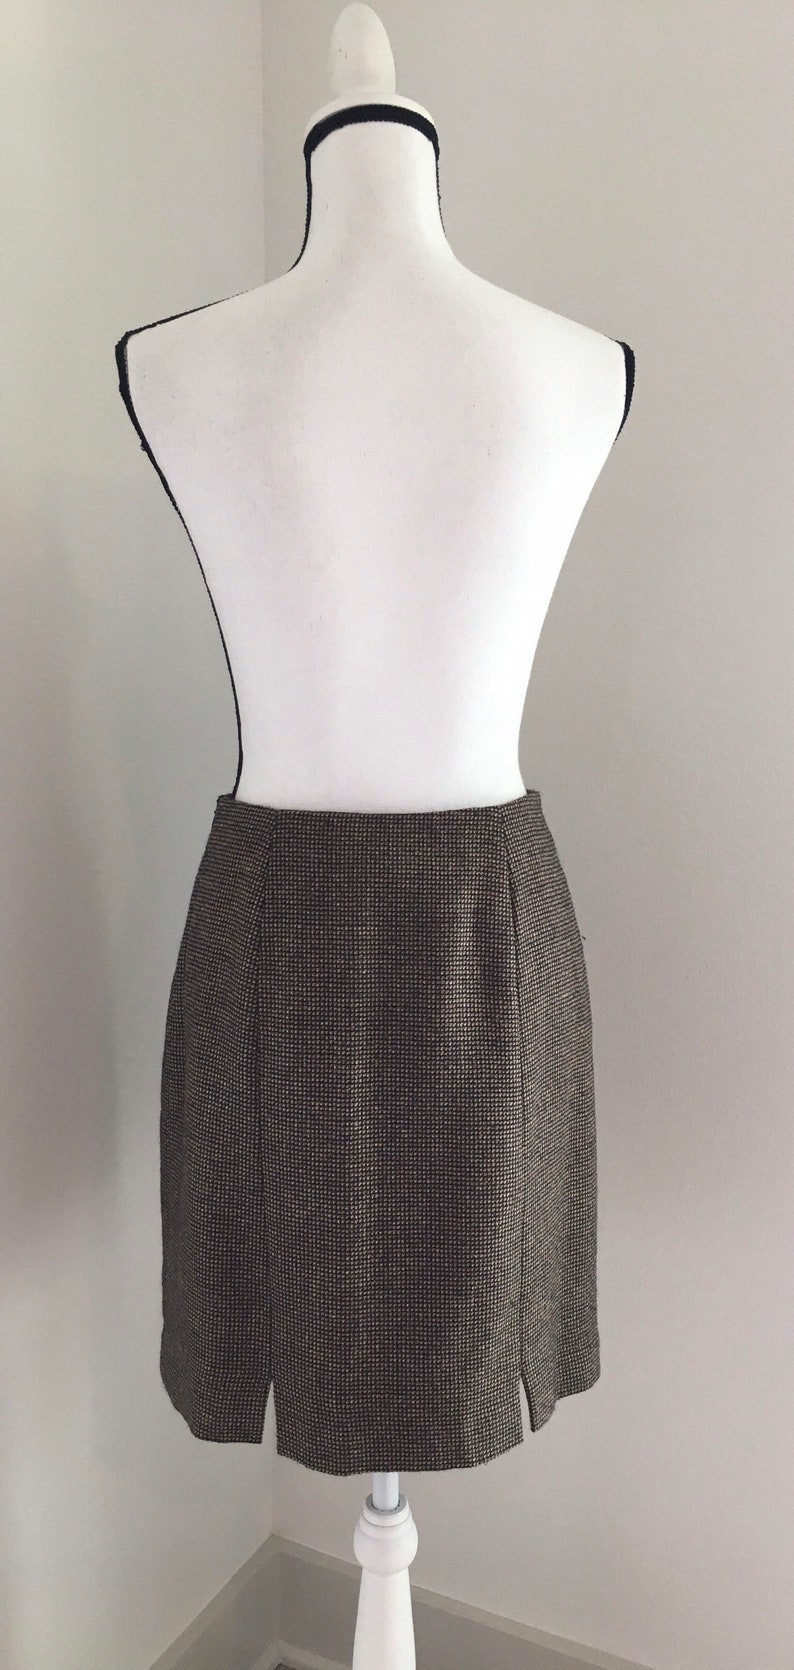 Vintage Bentley Arbuckle,1980s Brown Tweed Skirt,Vintage Brown Wool Skirt,1980s Wool Blend Skirt,Vintage Knee Length Skirt